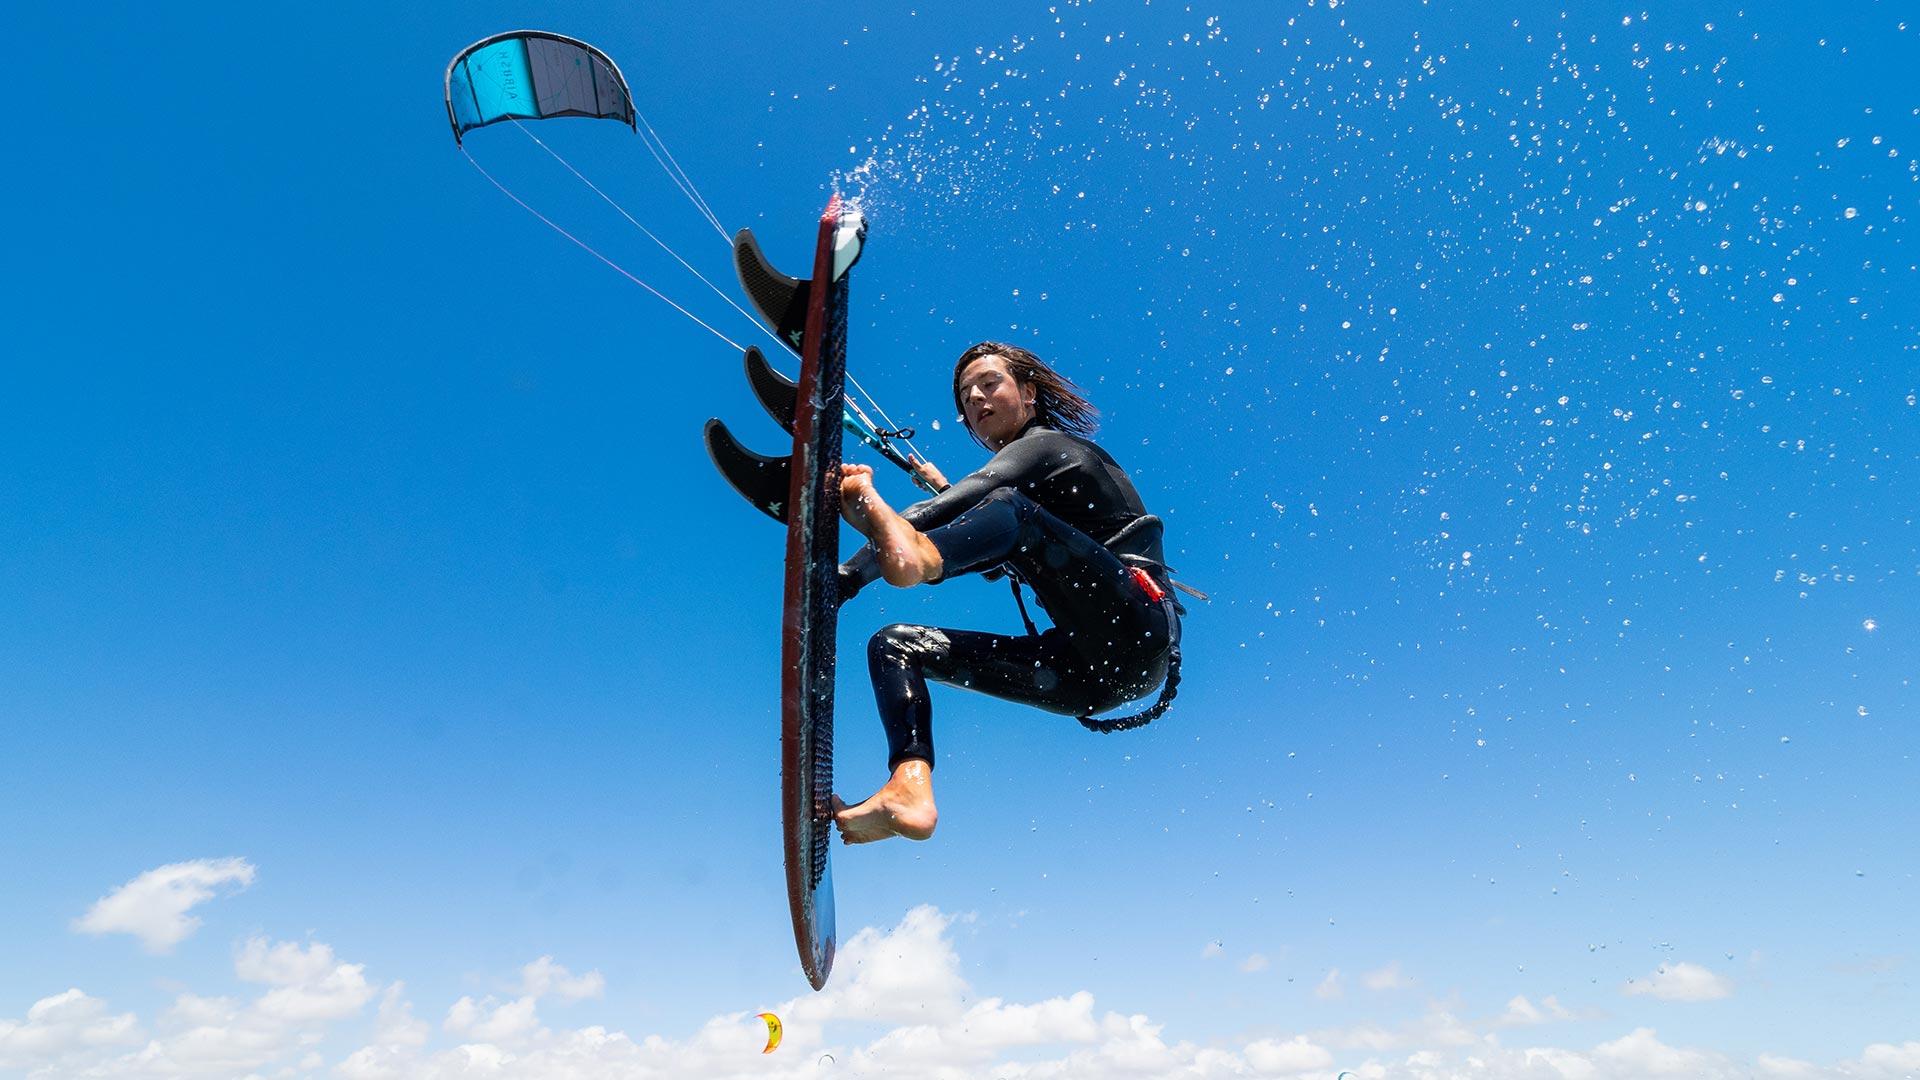 21_Airush_Gallery_Kites_Lift_Slate_img-07